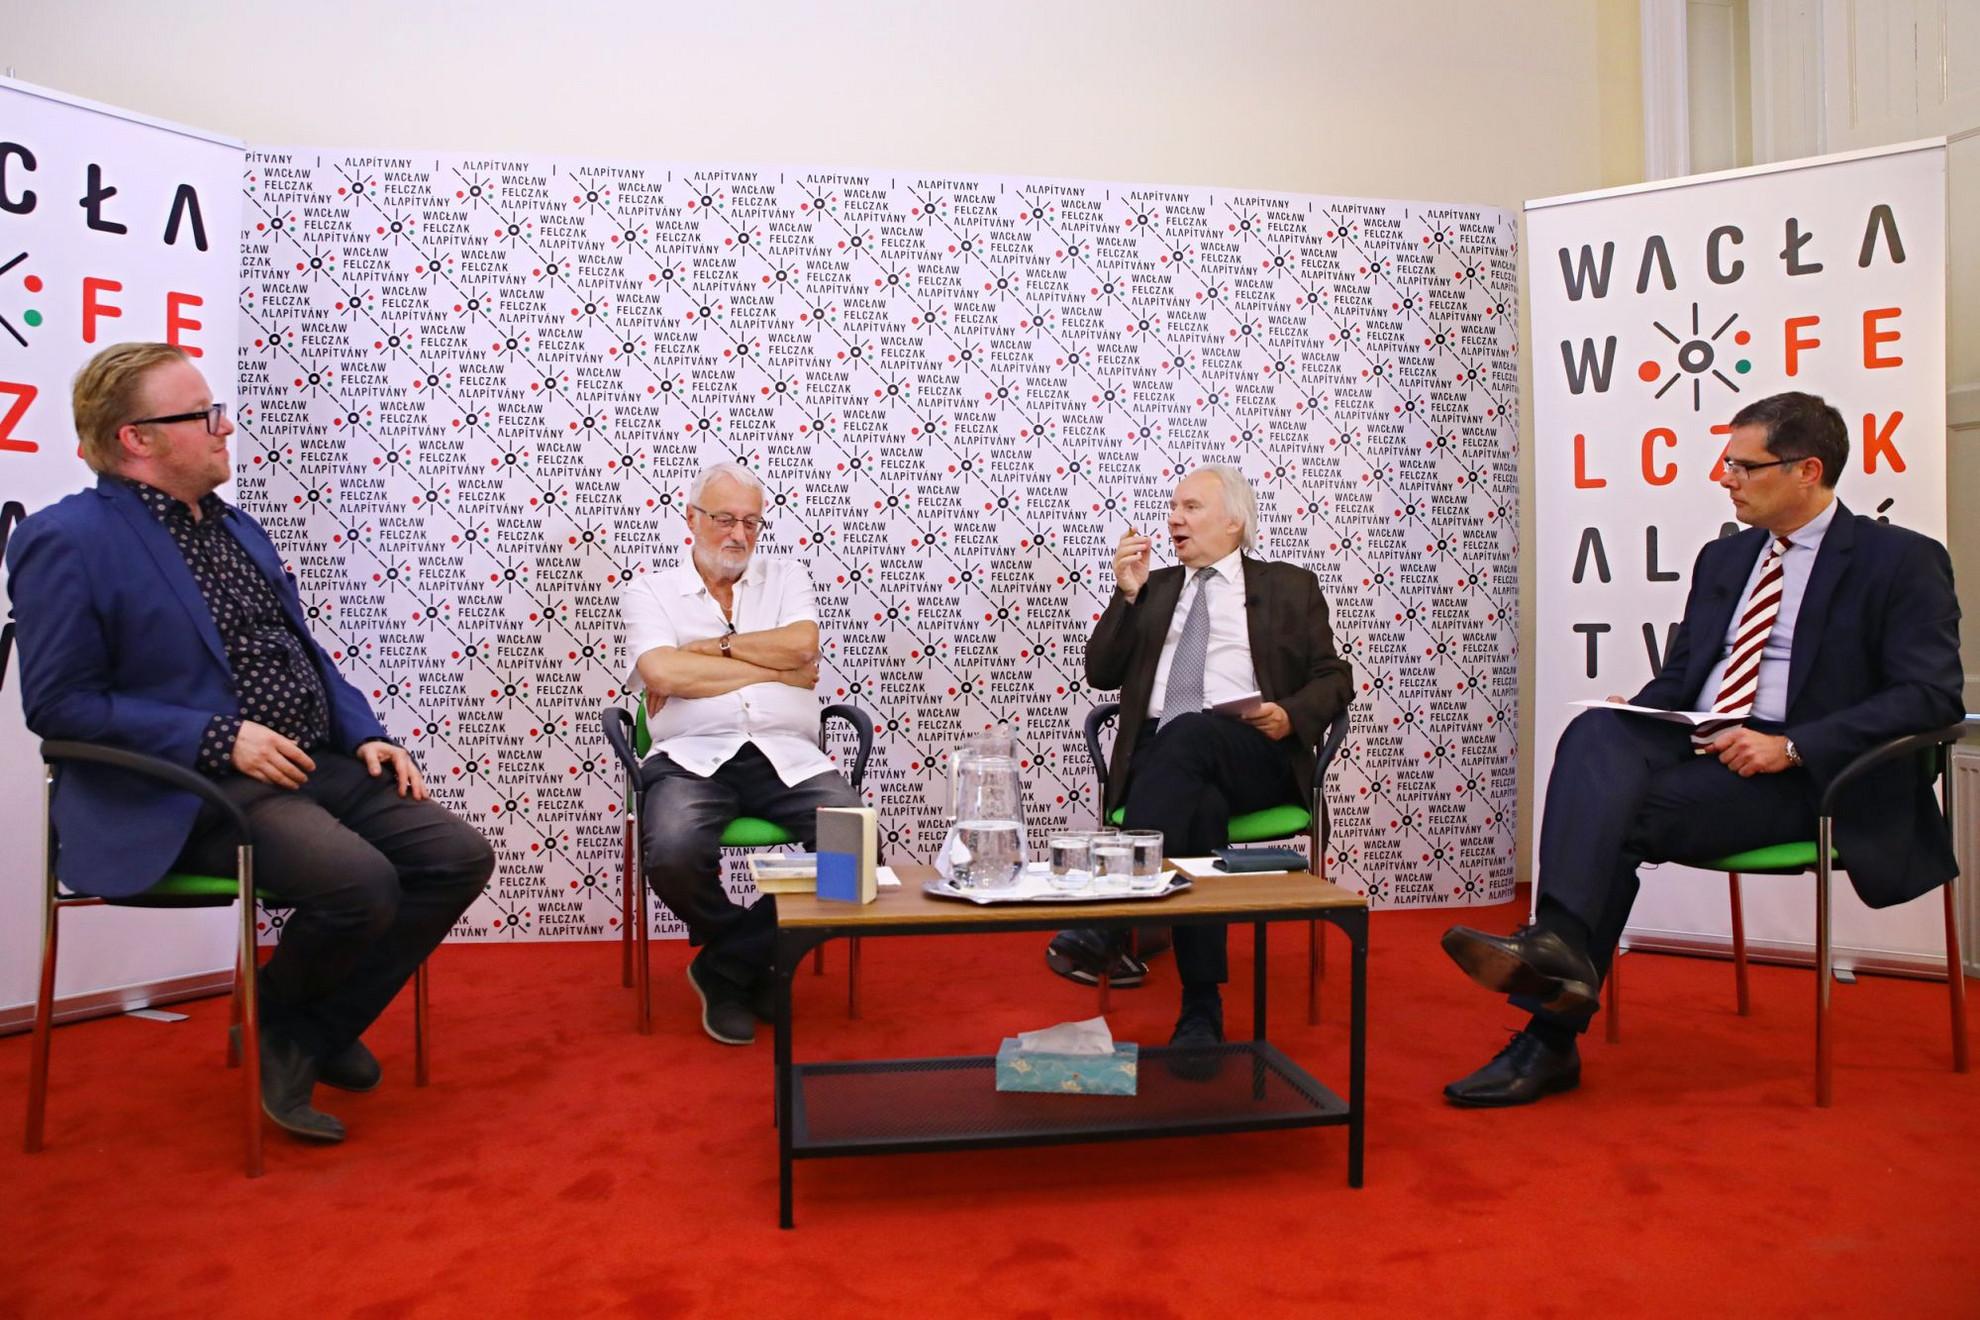 A Waclaw Felczak Alapítvány által rendezett programon Képes Gábor, Nemere István, Jerzy Snopek és Lovasi László beszélgetett a szerzőről